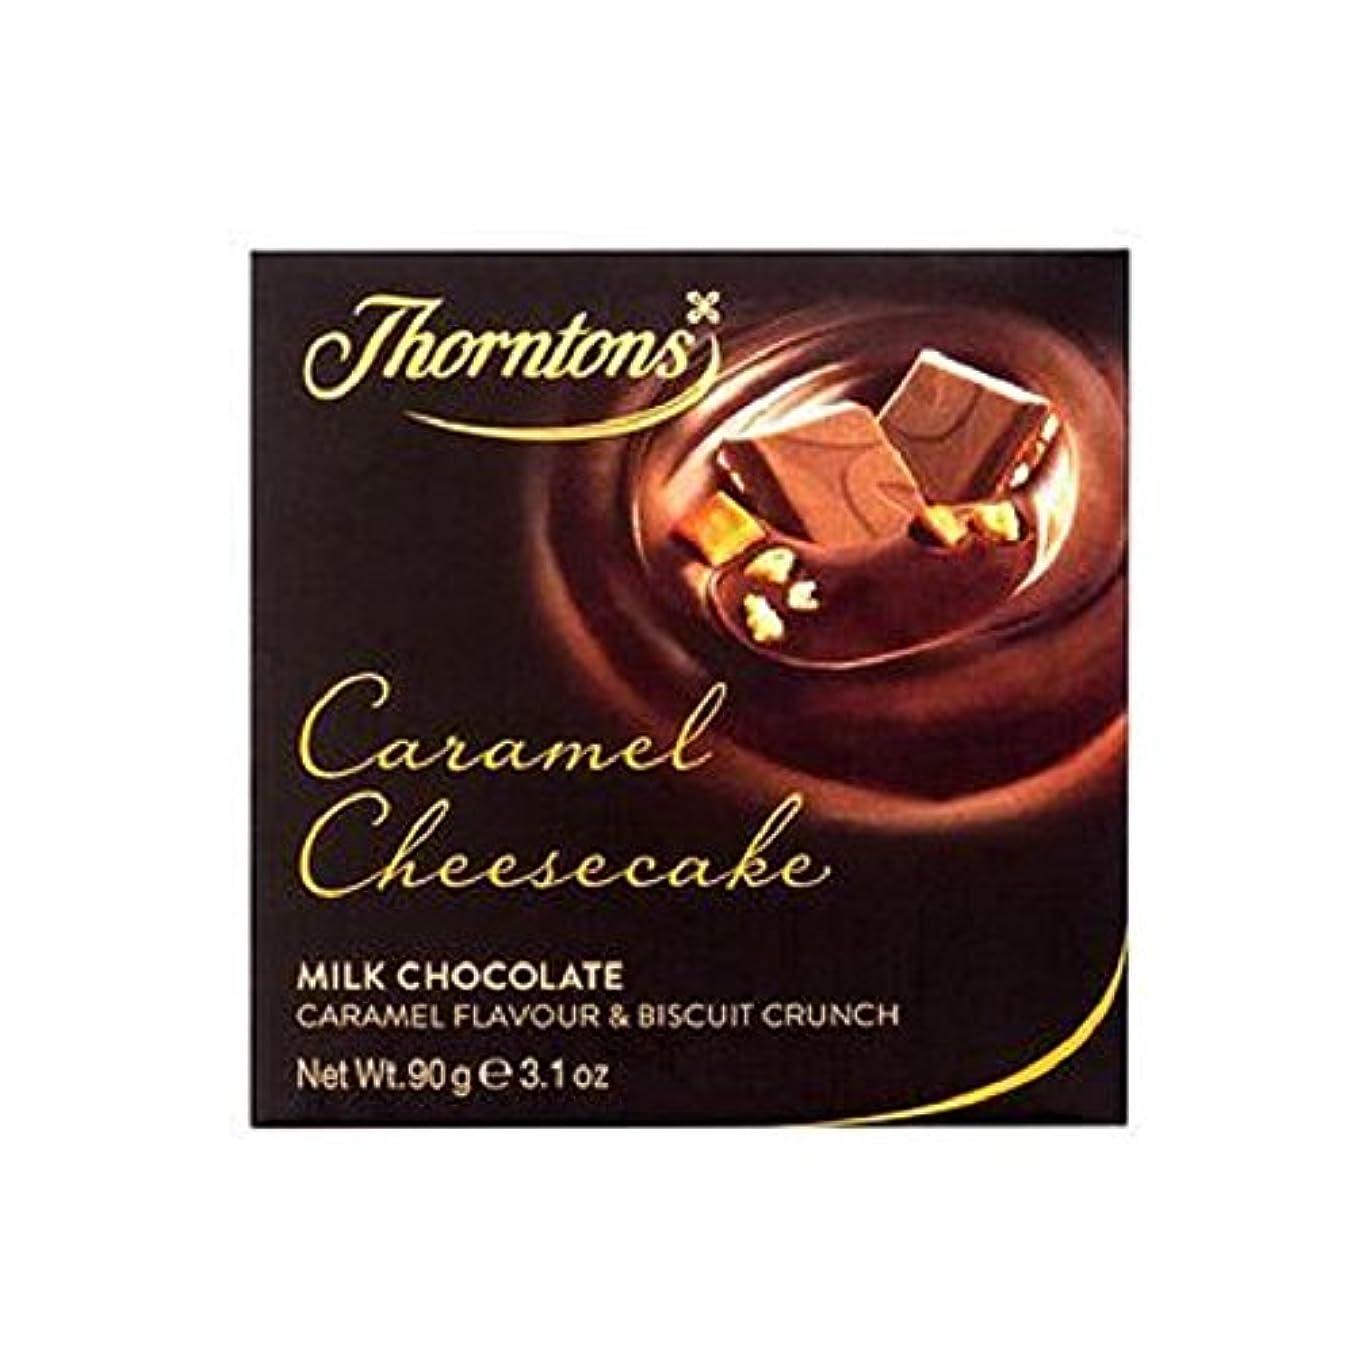 地球生き物緊張Thorntons Caramel Cheesecake Chocolate Block (90g) (Pack of 2) - ソーントンズキャラメルチーズケーキチョコレートブロック(90グラム) (x2) [並行輸入品]